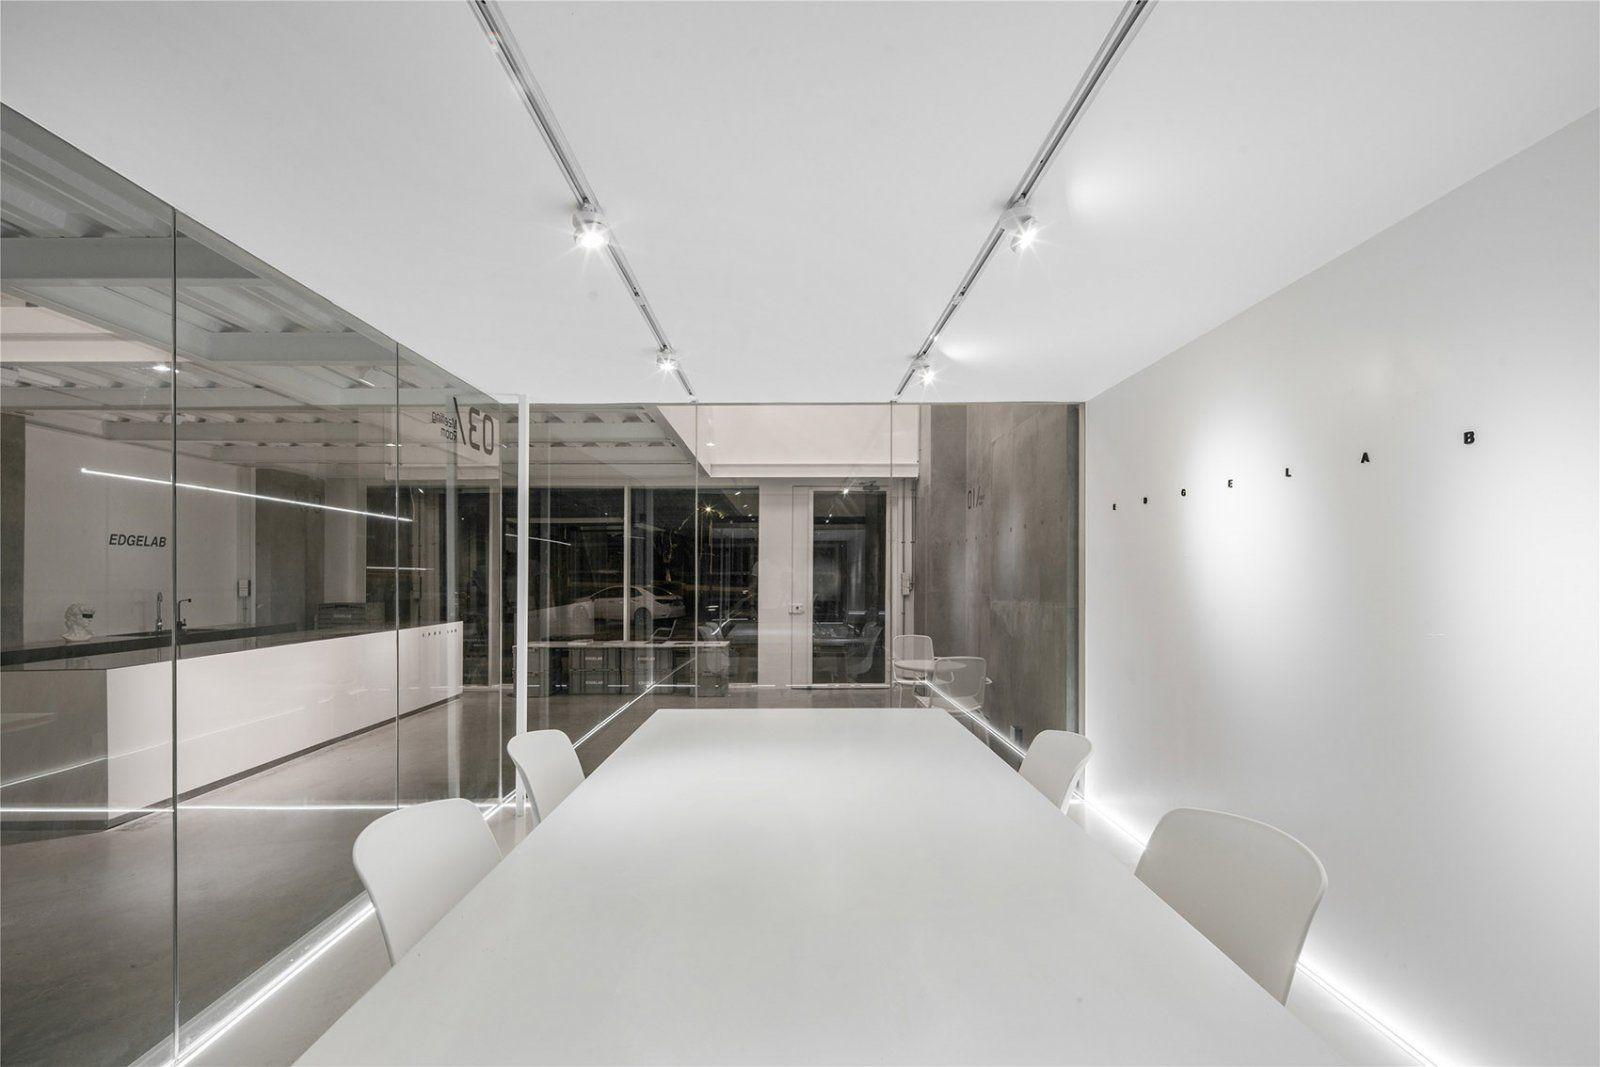 移动的玻璃盒子,广东Edgelab办公空间 | Edgelab边界实验工作室|黄智武、何钢荣 - 17